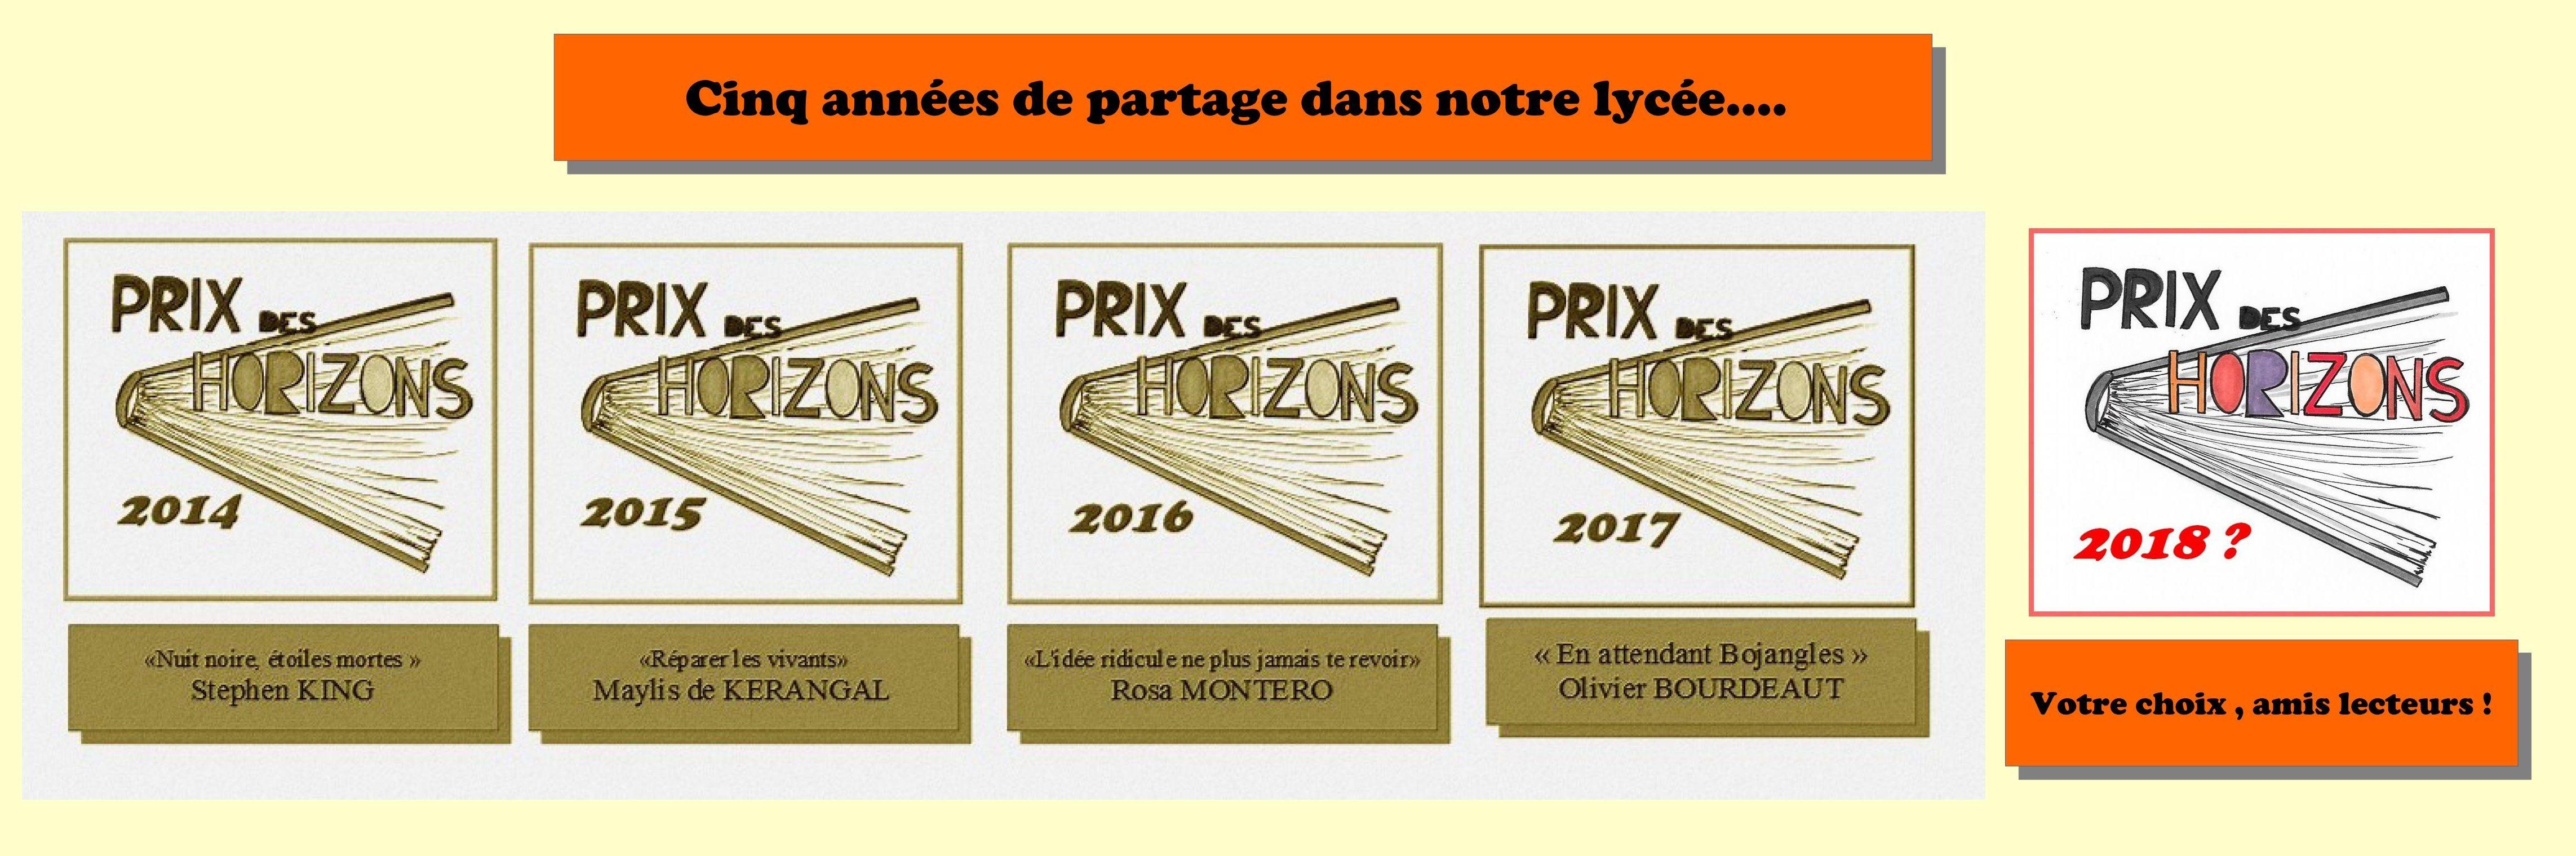 Flyer suite Prix Horizons 2018.jpg